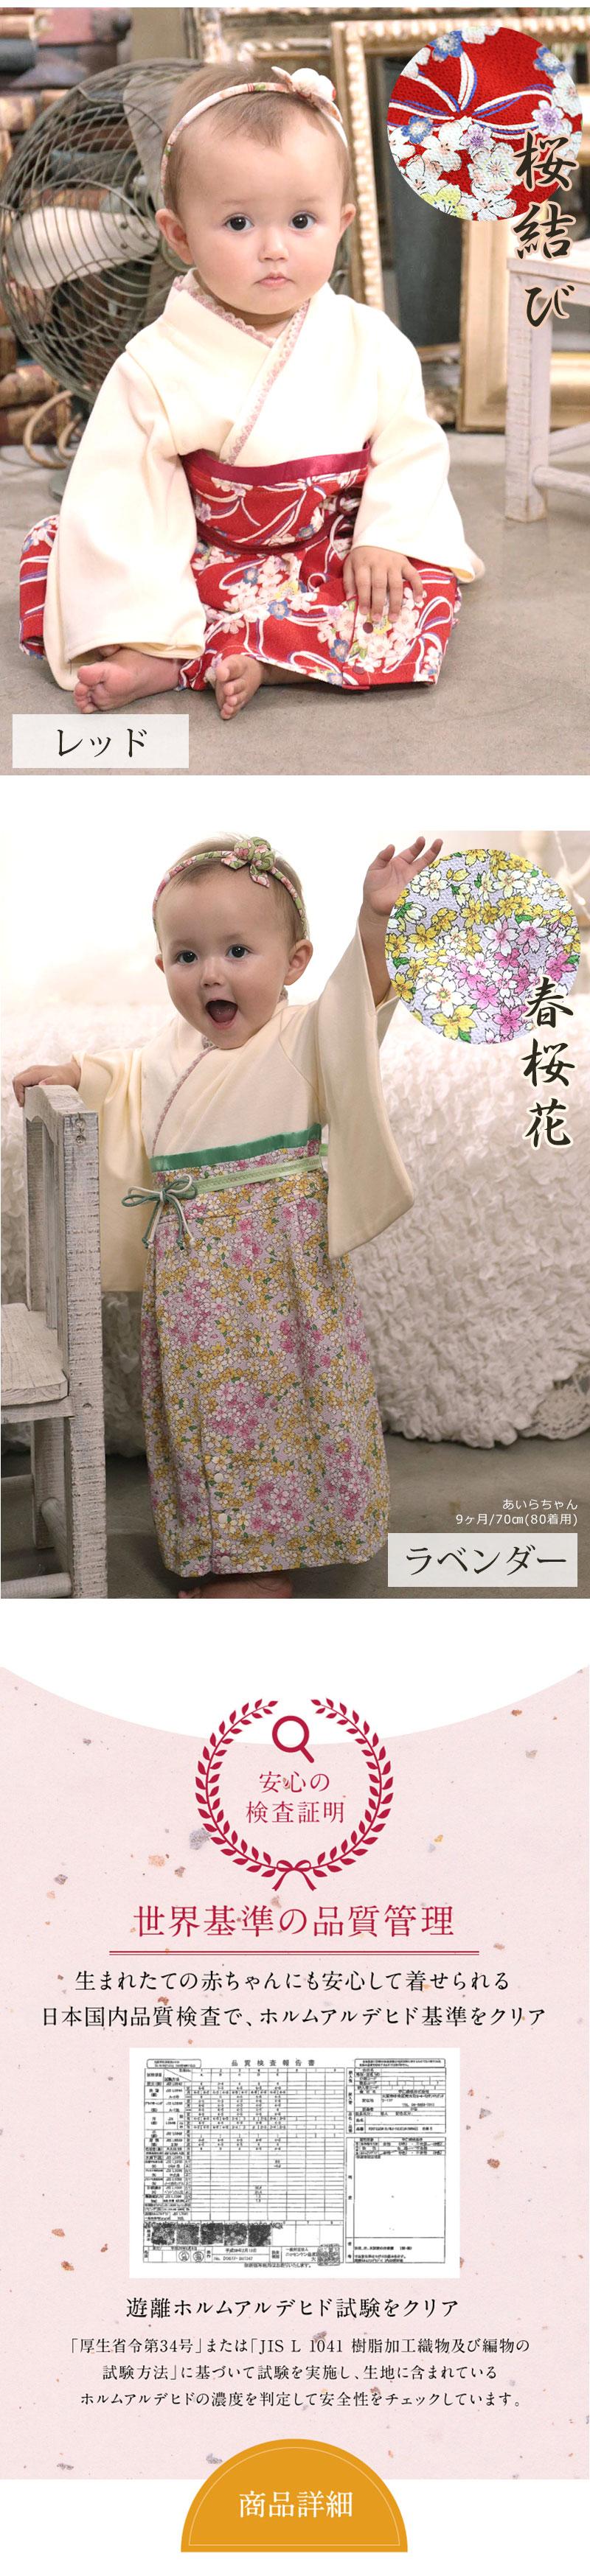 着物風 袴風 和風 ベビー服 ベビーウェア